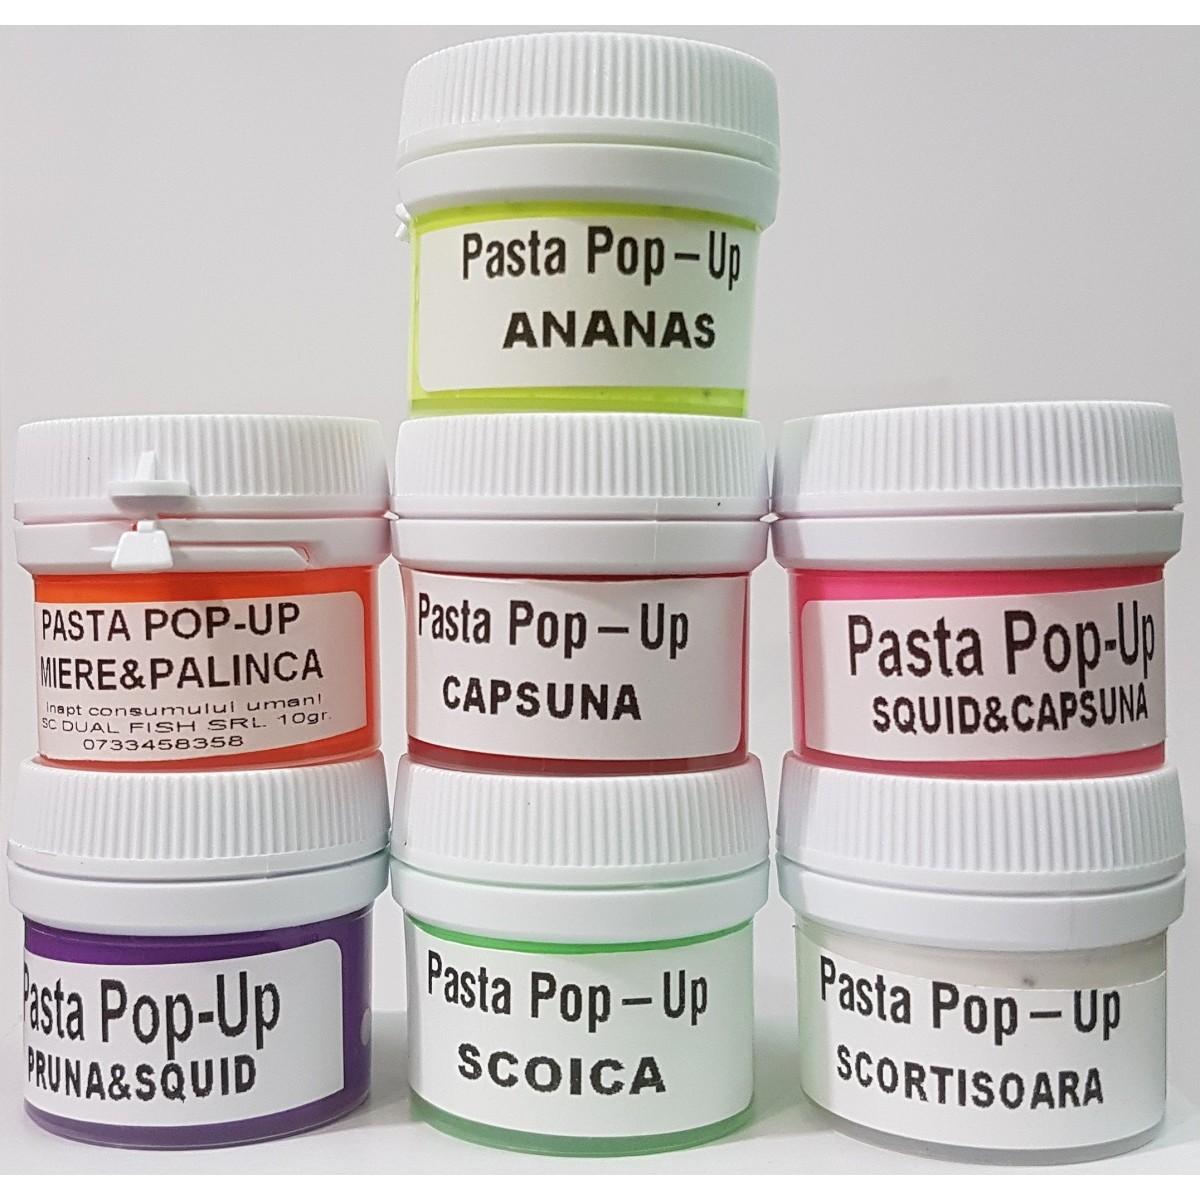 Pop-Up Pasta Dual Fish - плуваща паста за шаран